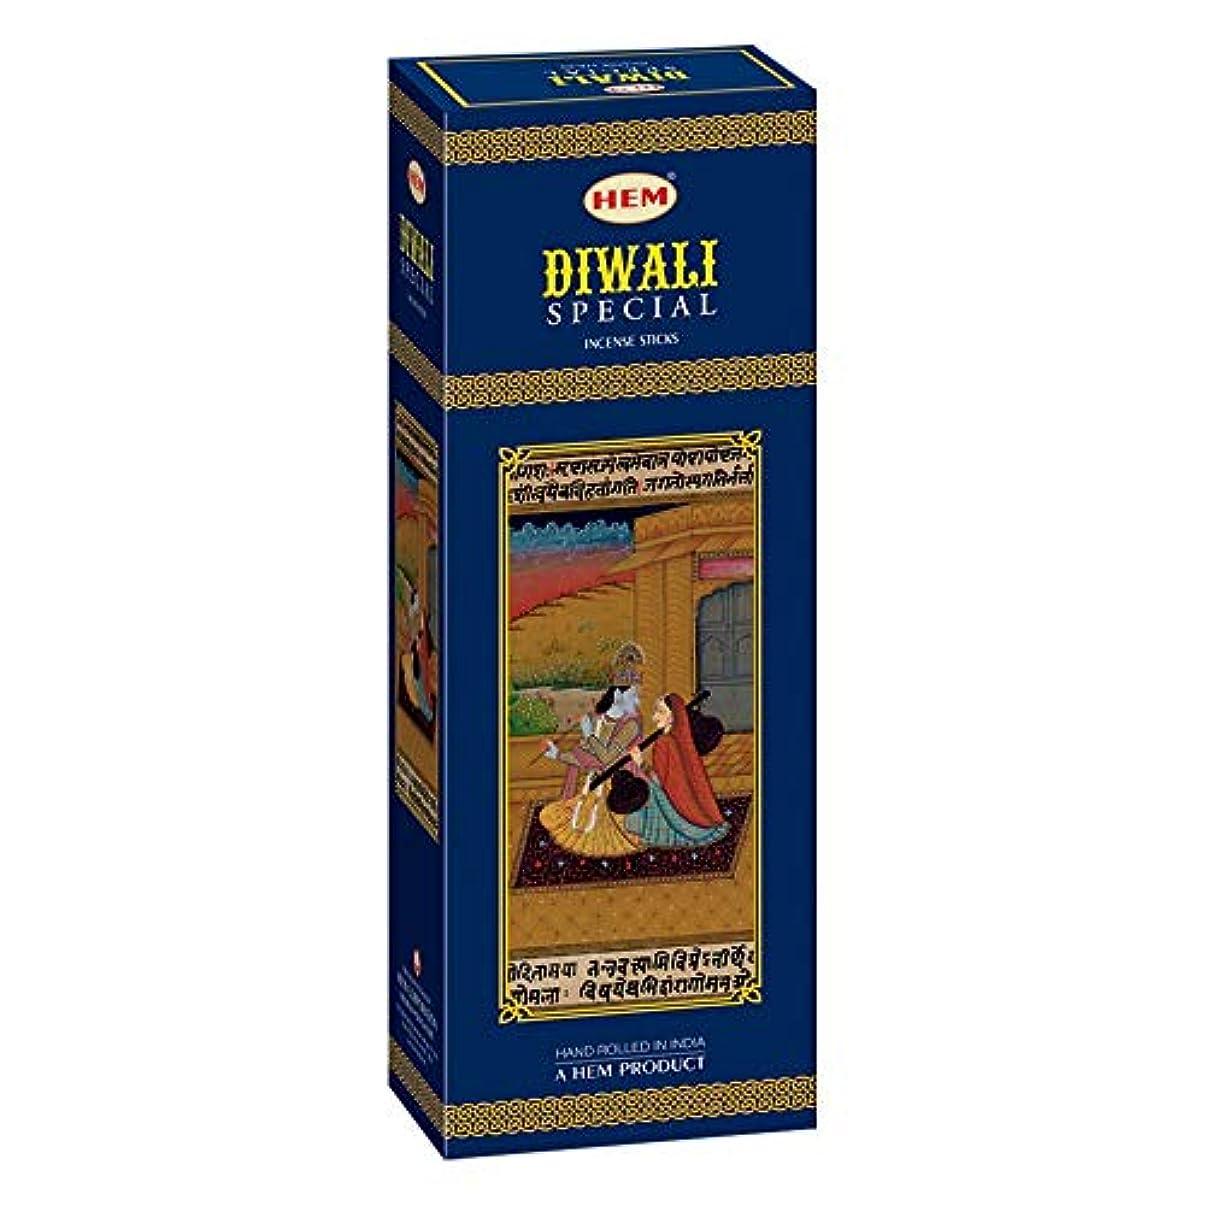 分類する優先くそーHem Diwali Special Incense Sticks(9.3 cm X 6.0 cm X 25.5cm, Black)